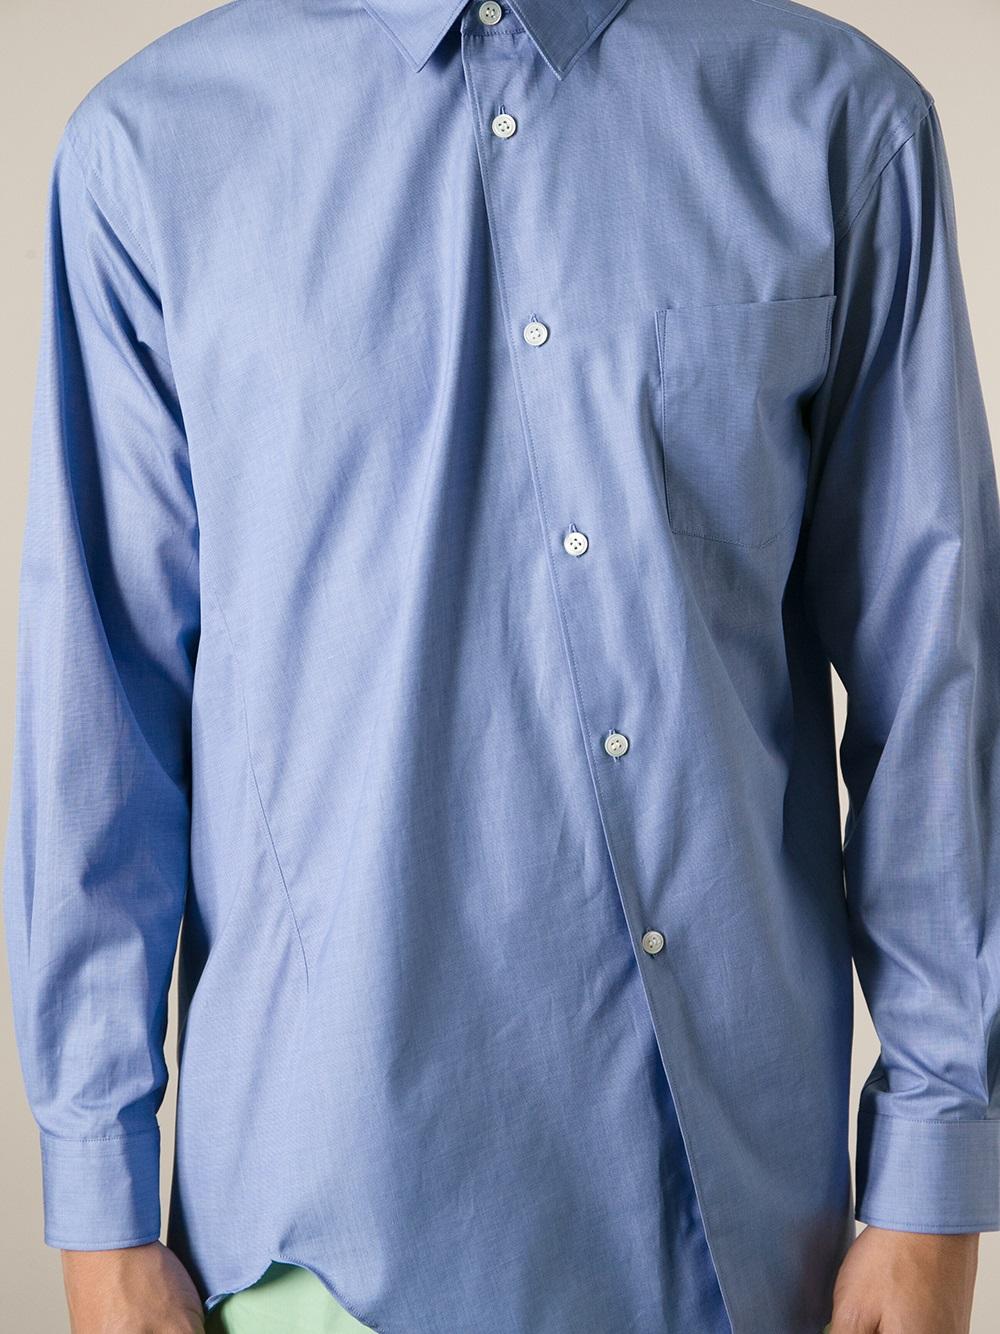 lyst comme des gar ons asymmetric shirt in blue for men. Black Bedroom Furniture Sets. Home Design Ideas